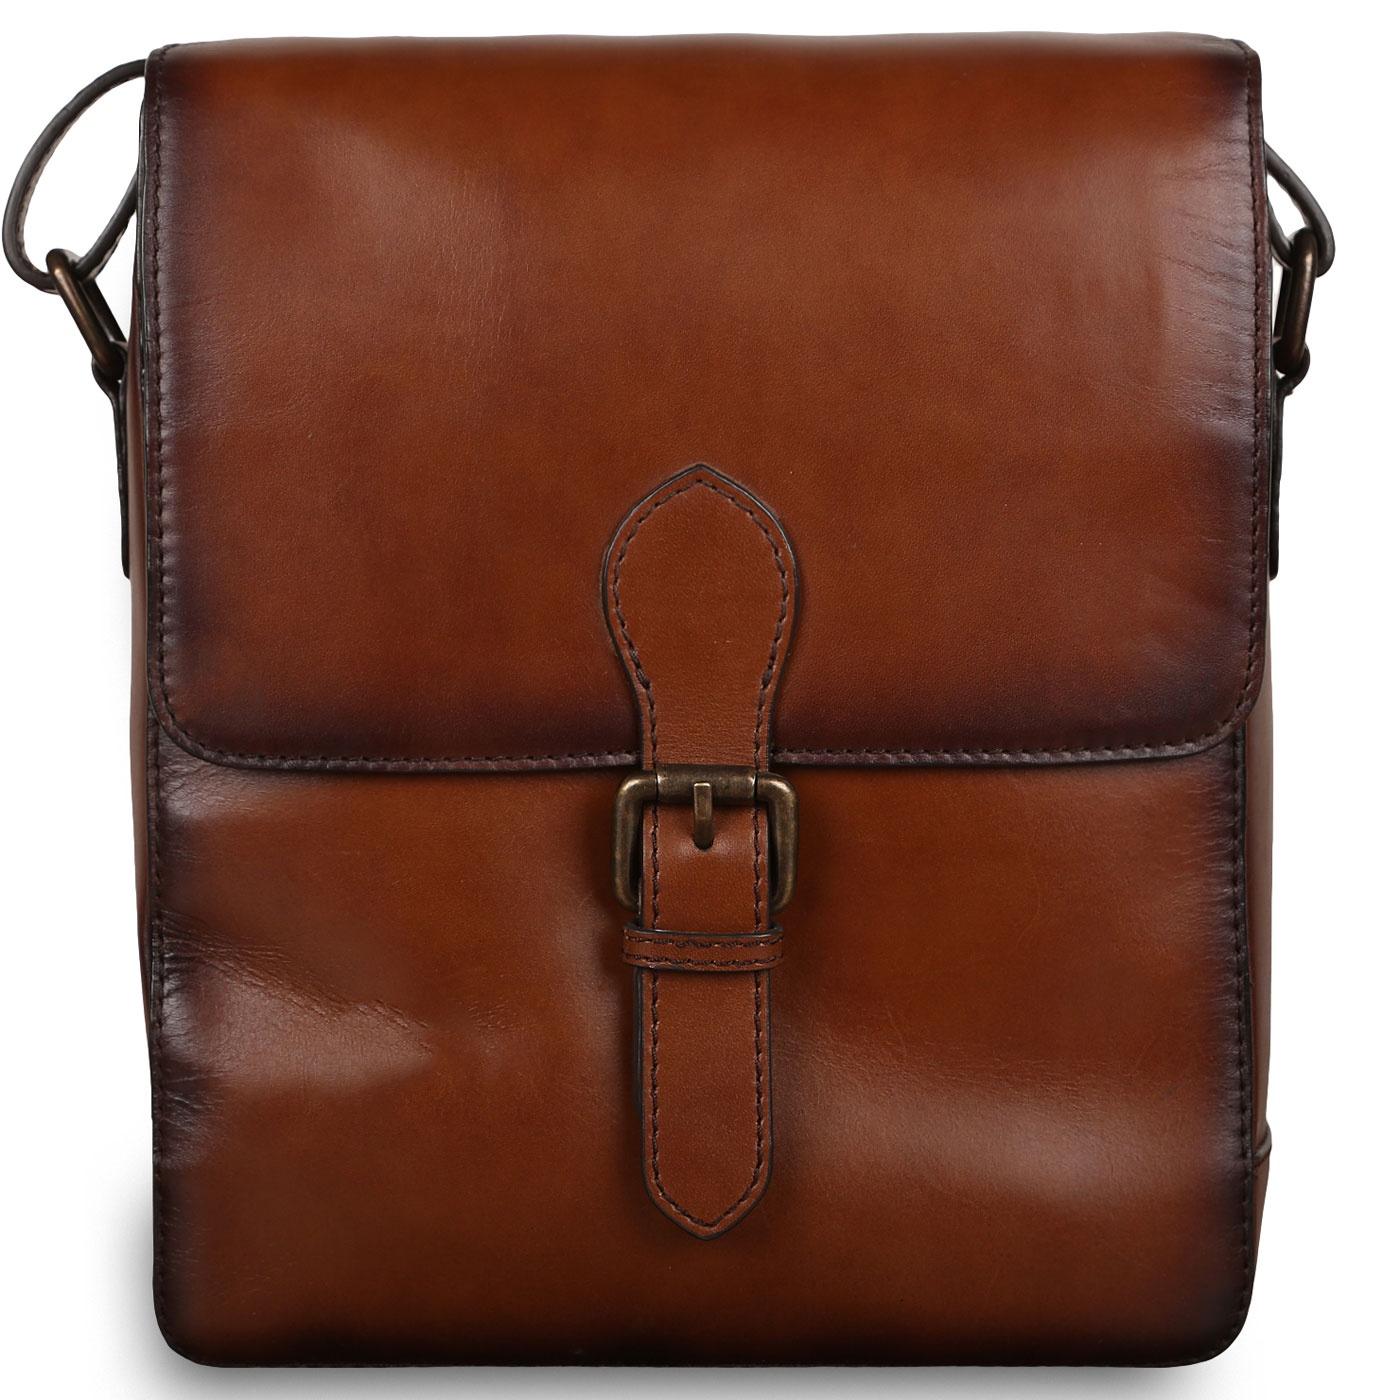 Сумка-планшет Ashwood Leather Jones планшет 12 дюймов цена